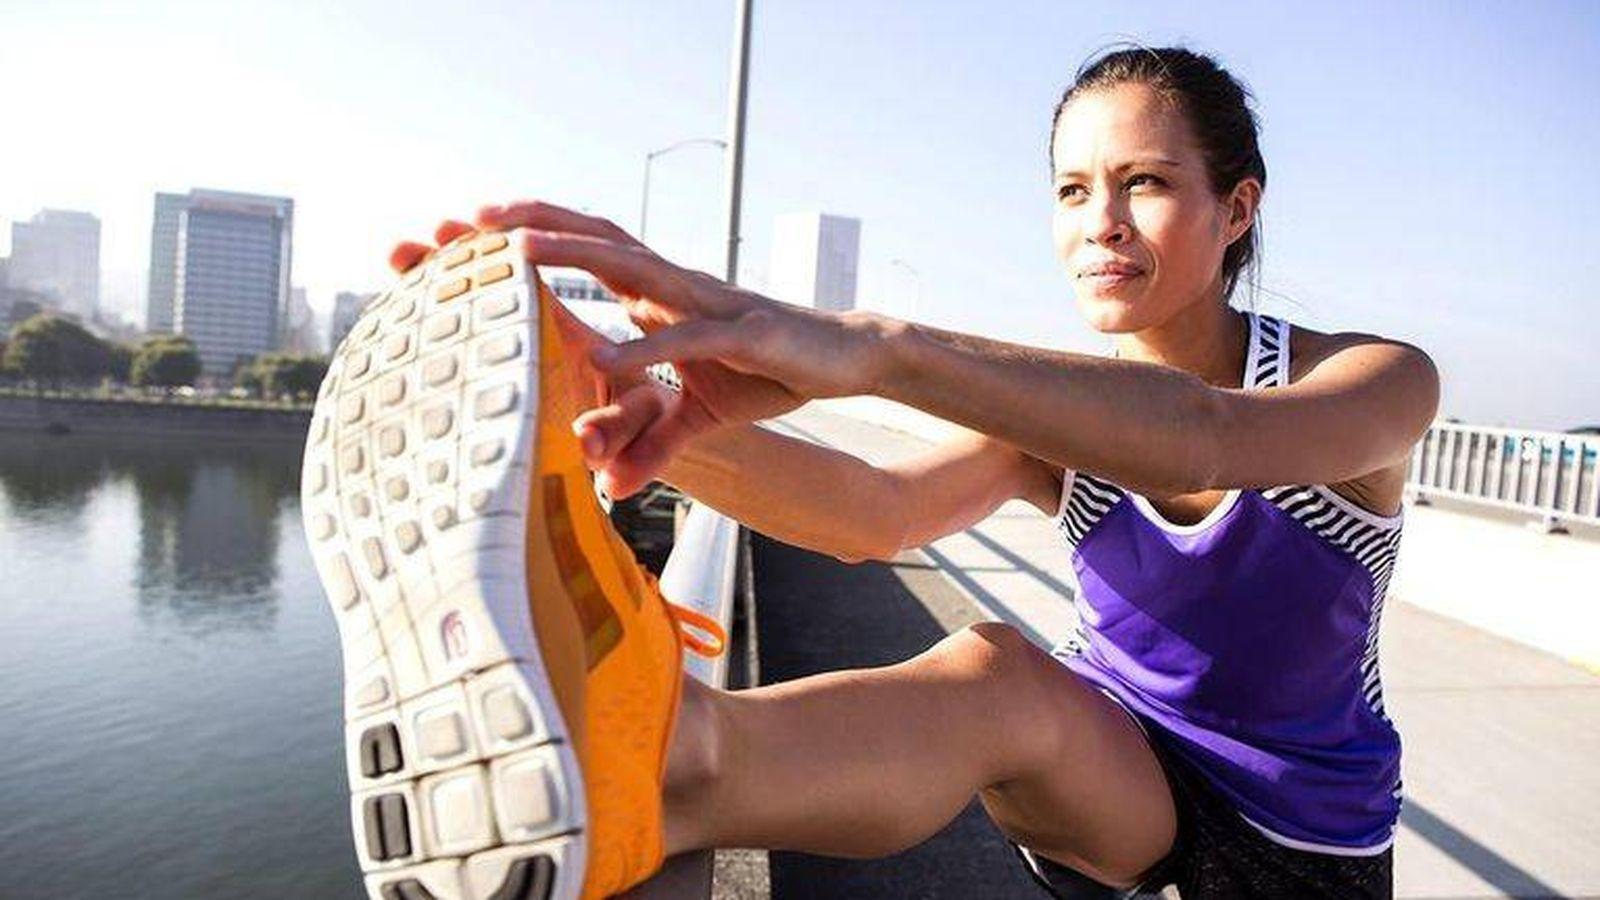 Foto: Una chica calentando antes de empezar a correr.